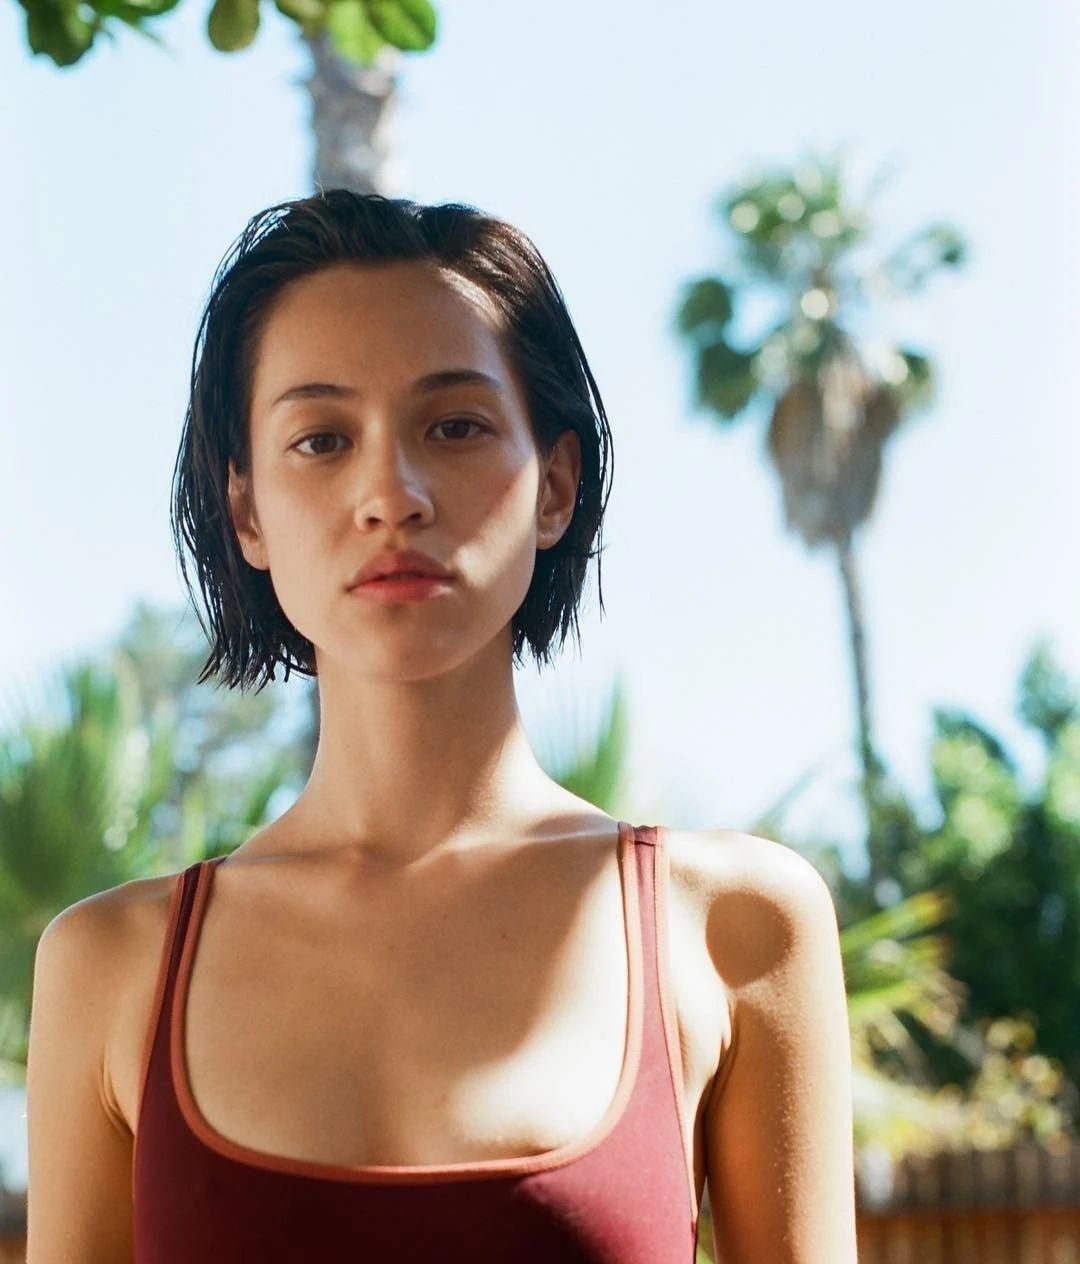 同样是性感的美韩混血麻豆水原希子为什么就不受日本人待见 (2)